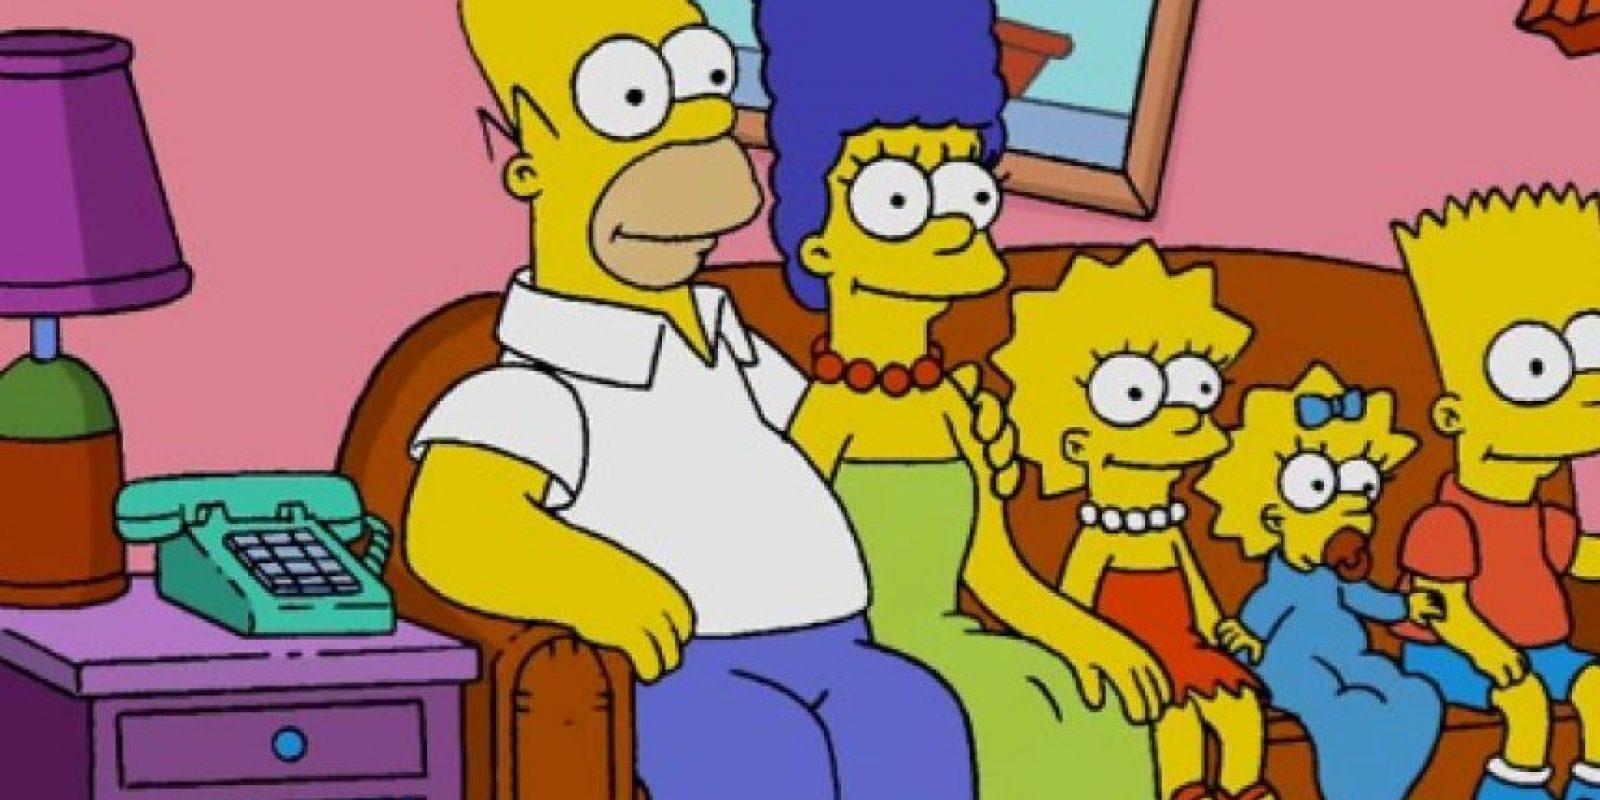 Esto lo podemos constatar con Marge, pues a pesar de las conductas de Bart o las malas actitudes de Homero, ella siempre está ahí. Siempre suele ver lo mejor de ellos , olvidándose de que su marido y su hijo pueden ser un peligro para el mundo. Foto:Tumblr.com/Simpsons